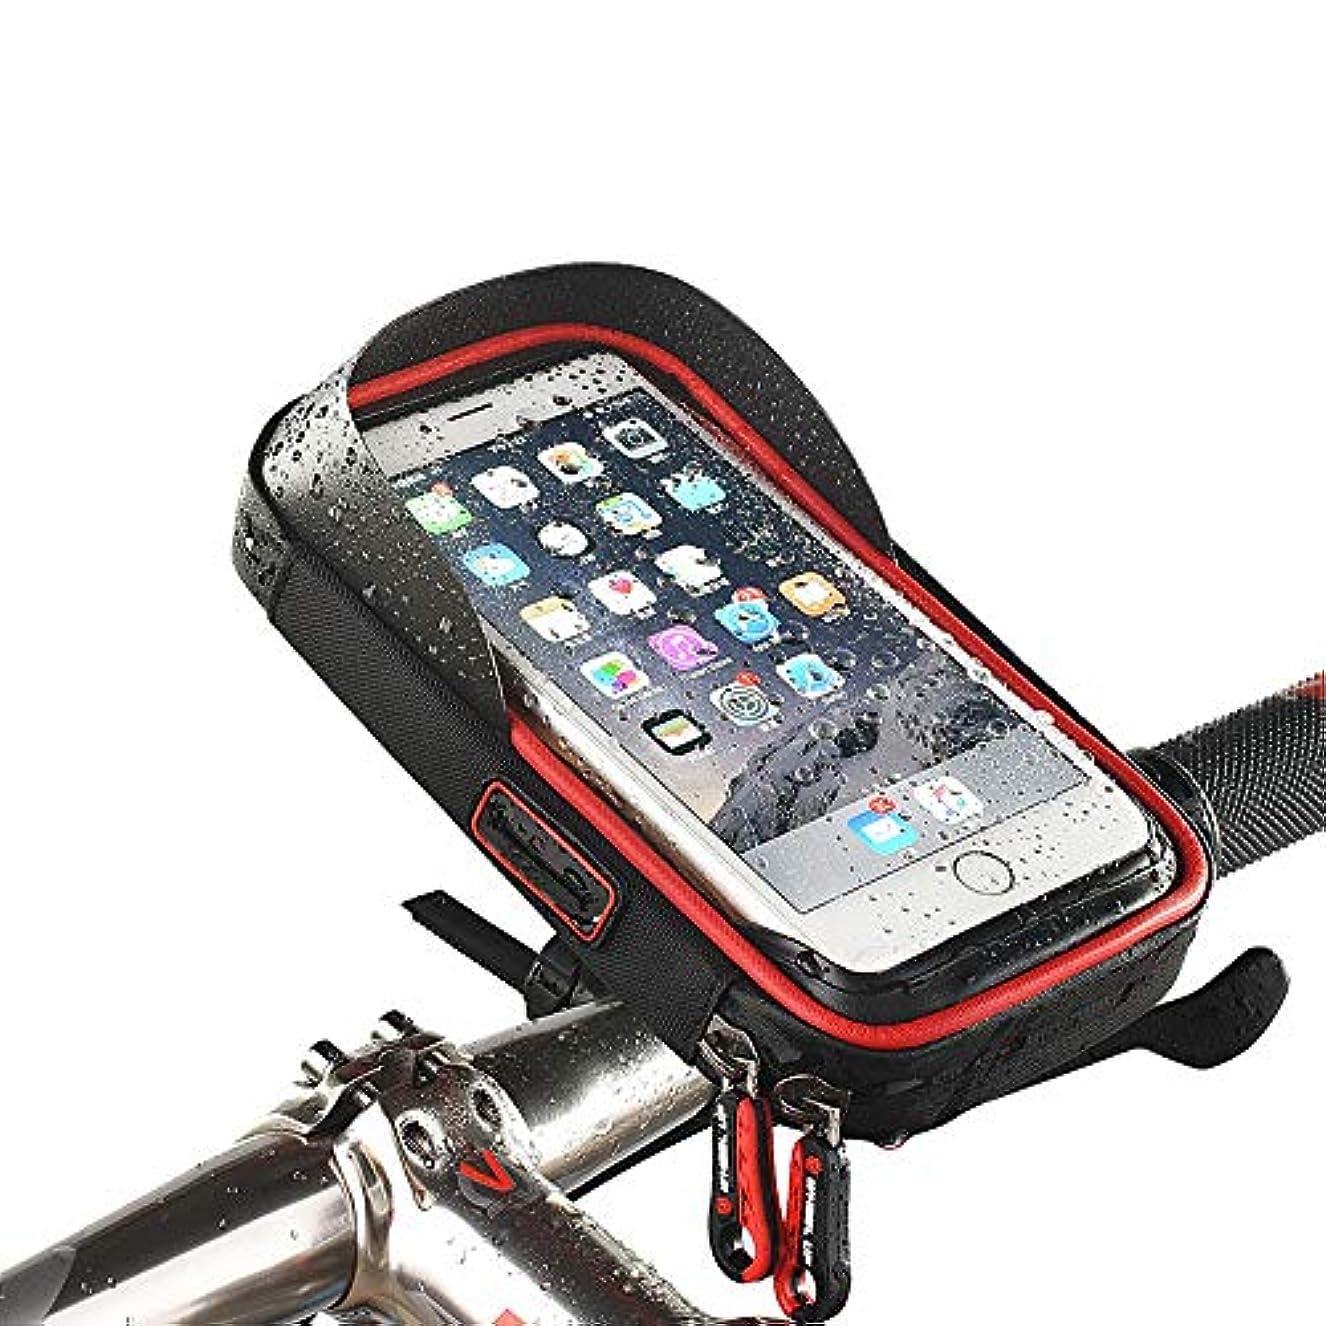 石ルーモットーLOYYE 自転車バッグ TPUタッチパネル 上管 フロント電話フレームバッグ 360度回転 防水かばん 防塵 携帯 iPhone 各種スマホ対応